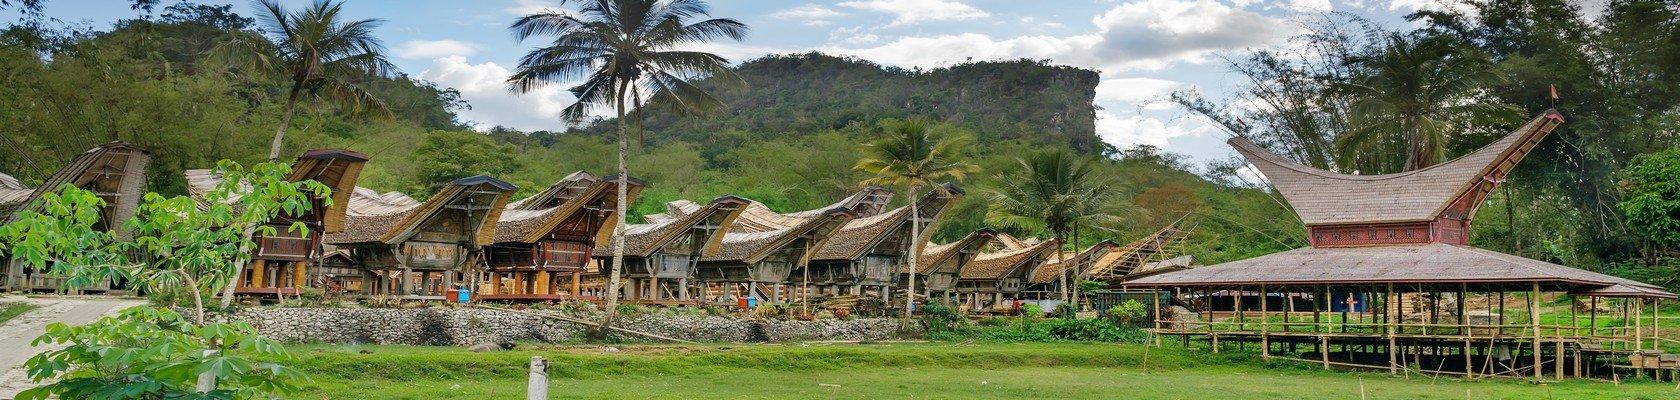 Uniek bezoek aan Torajaland op Sulawesi